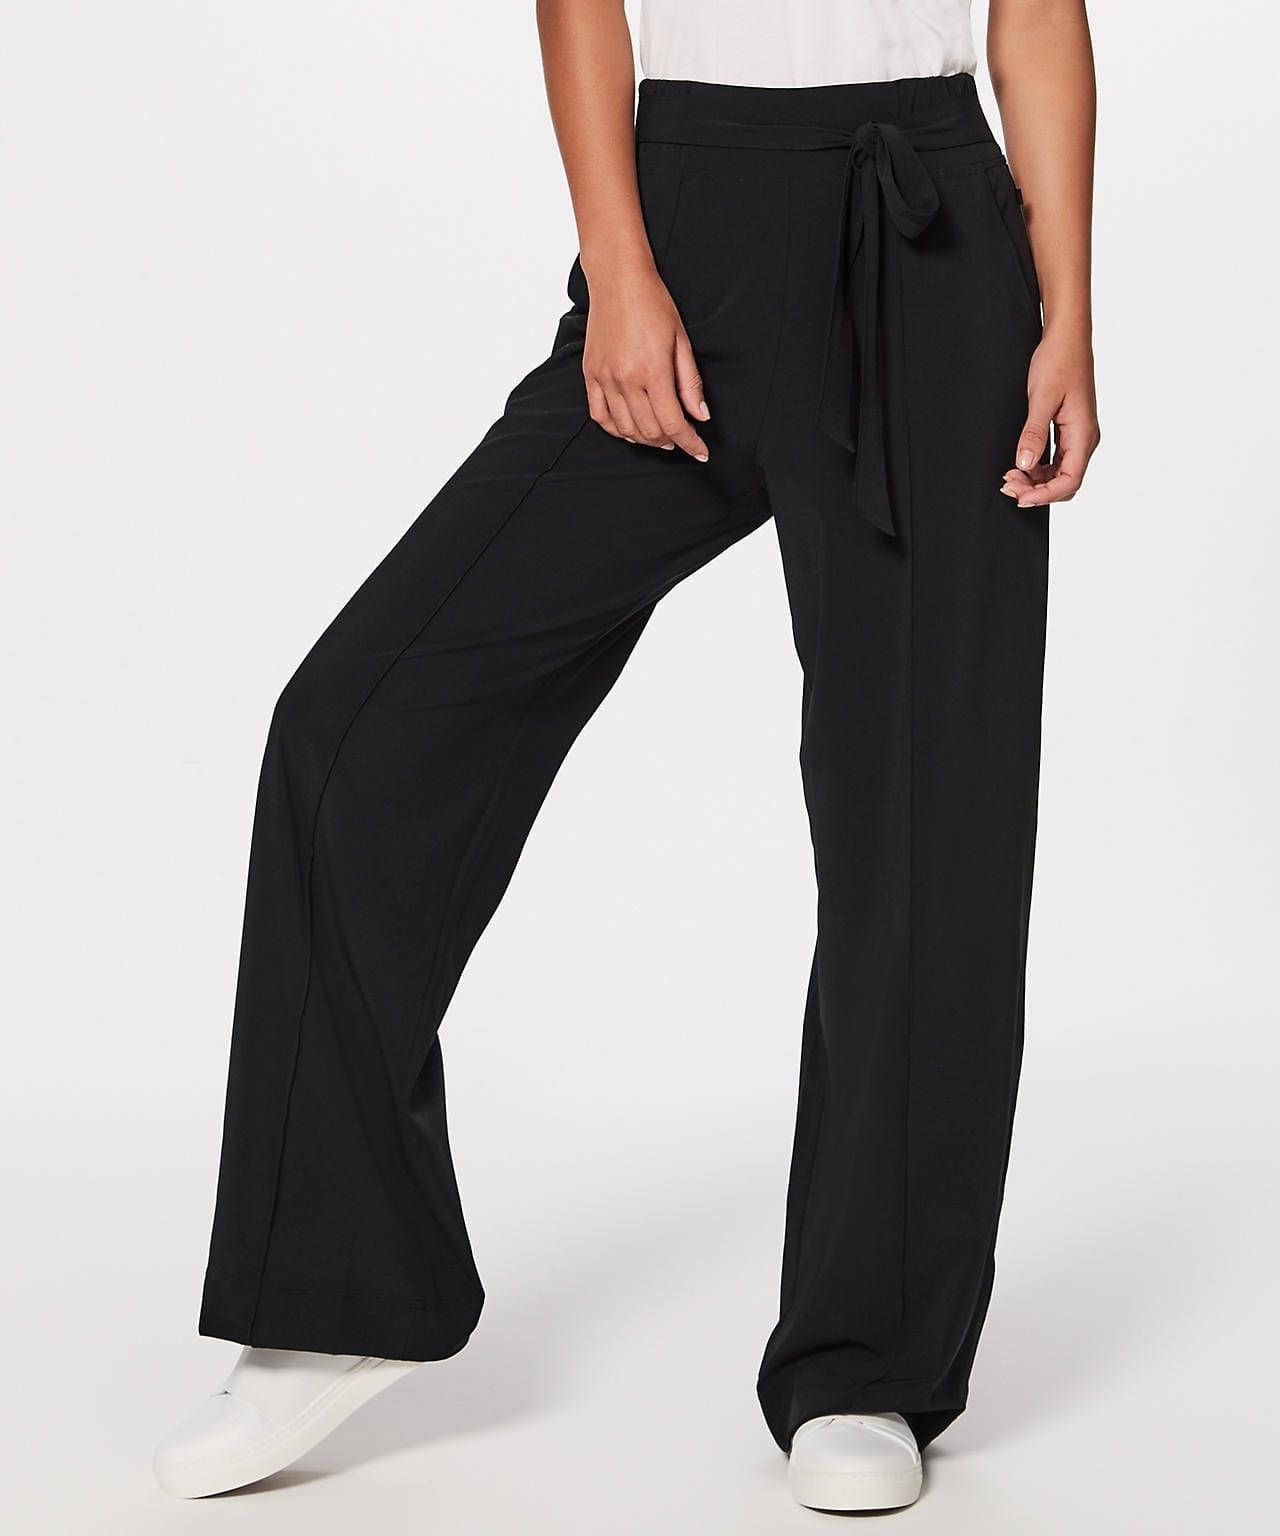 Noir Pant